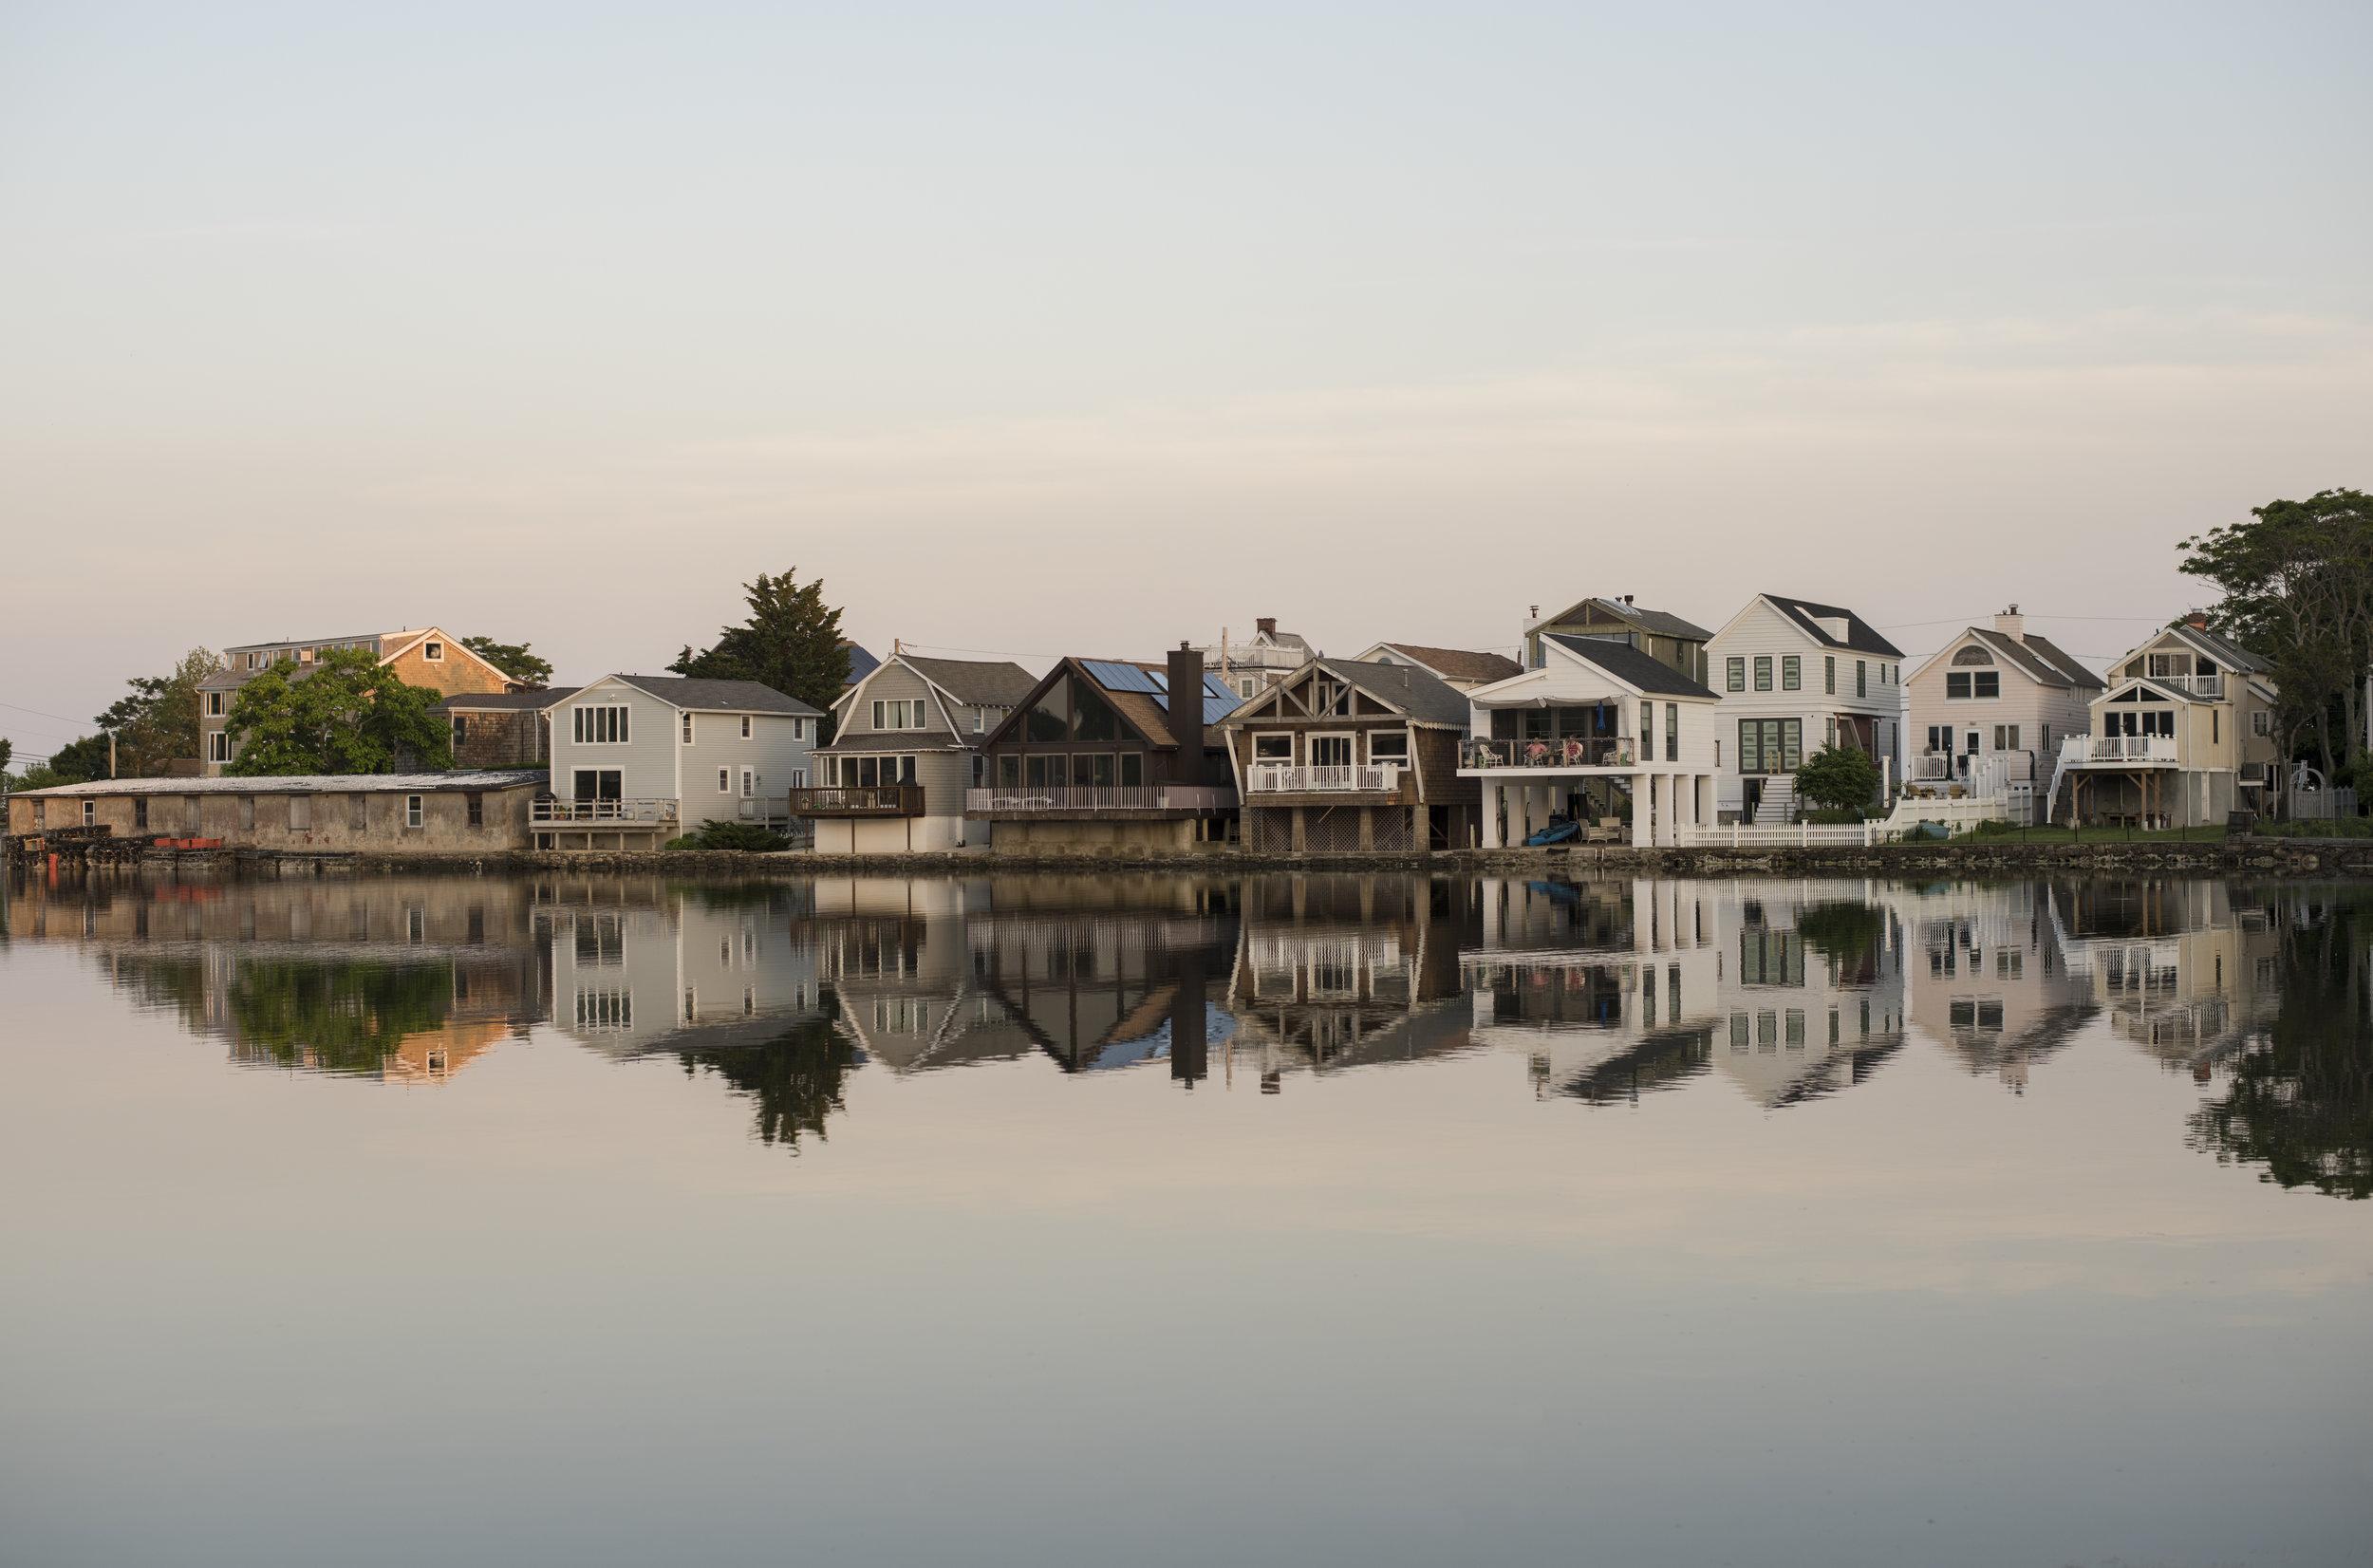 dusk-on-the-water_42652381752_o.jpg